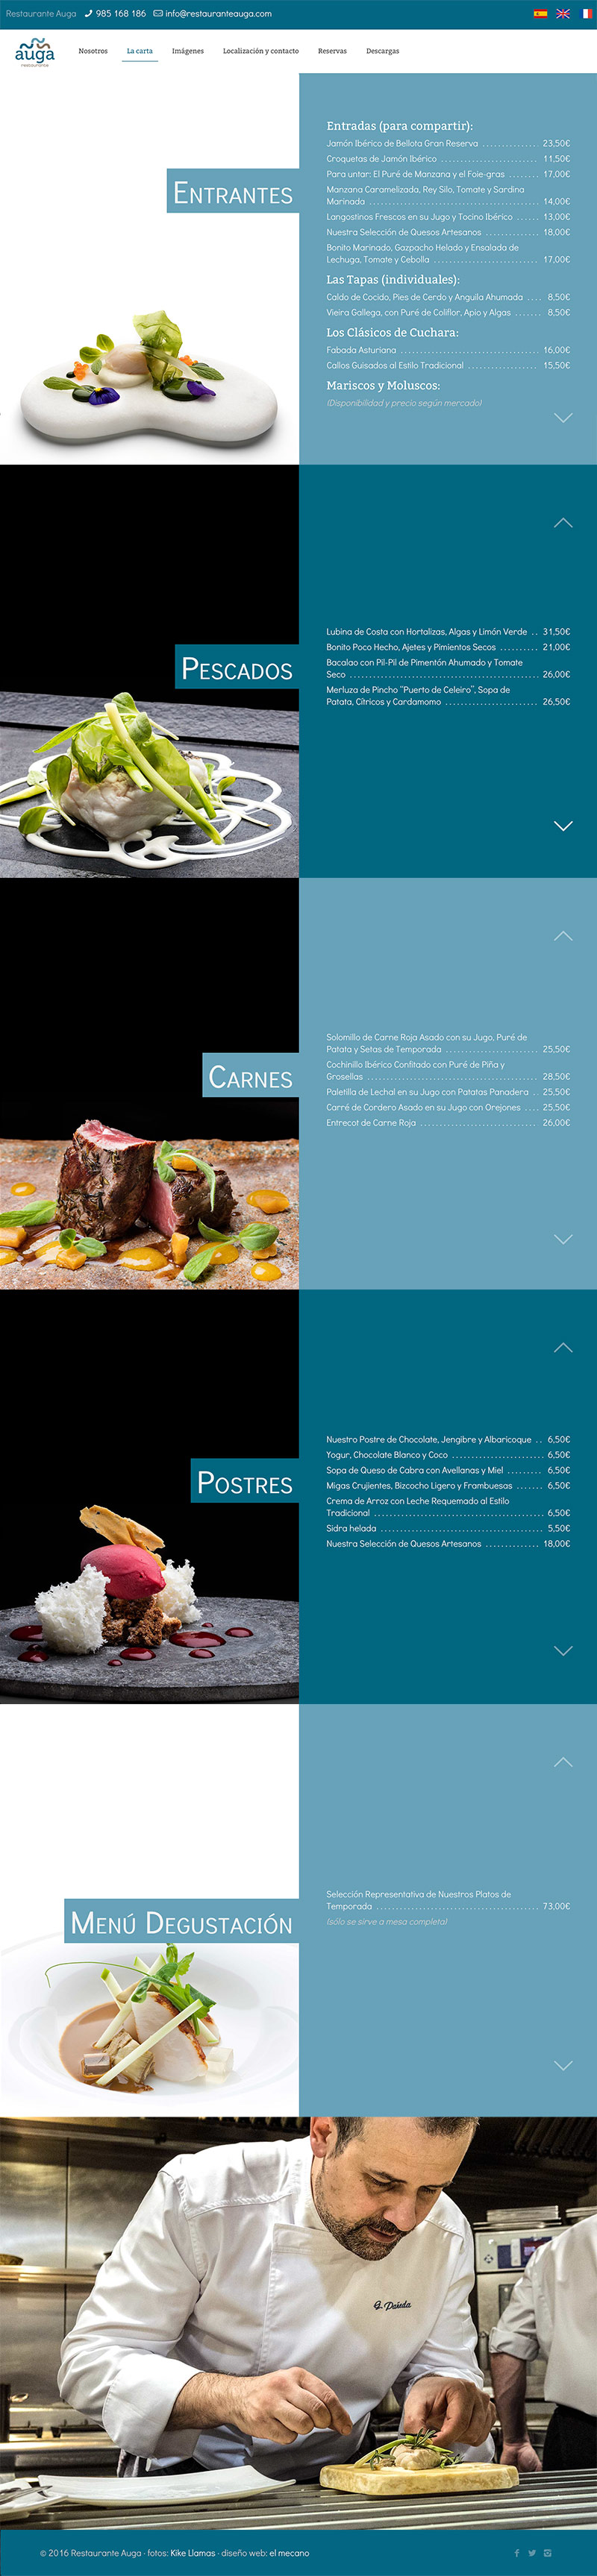 diseño web carta restaurante auga Gijón